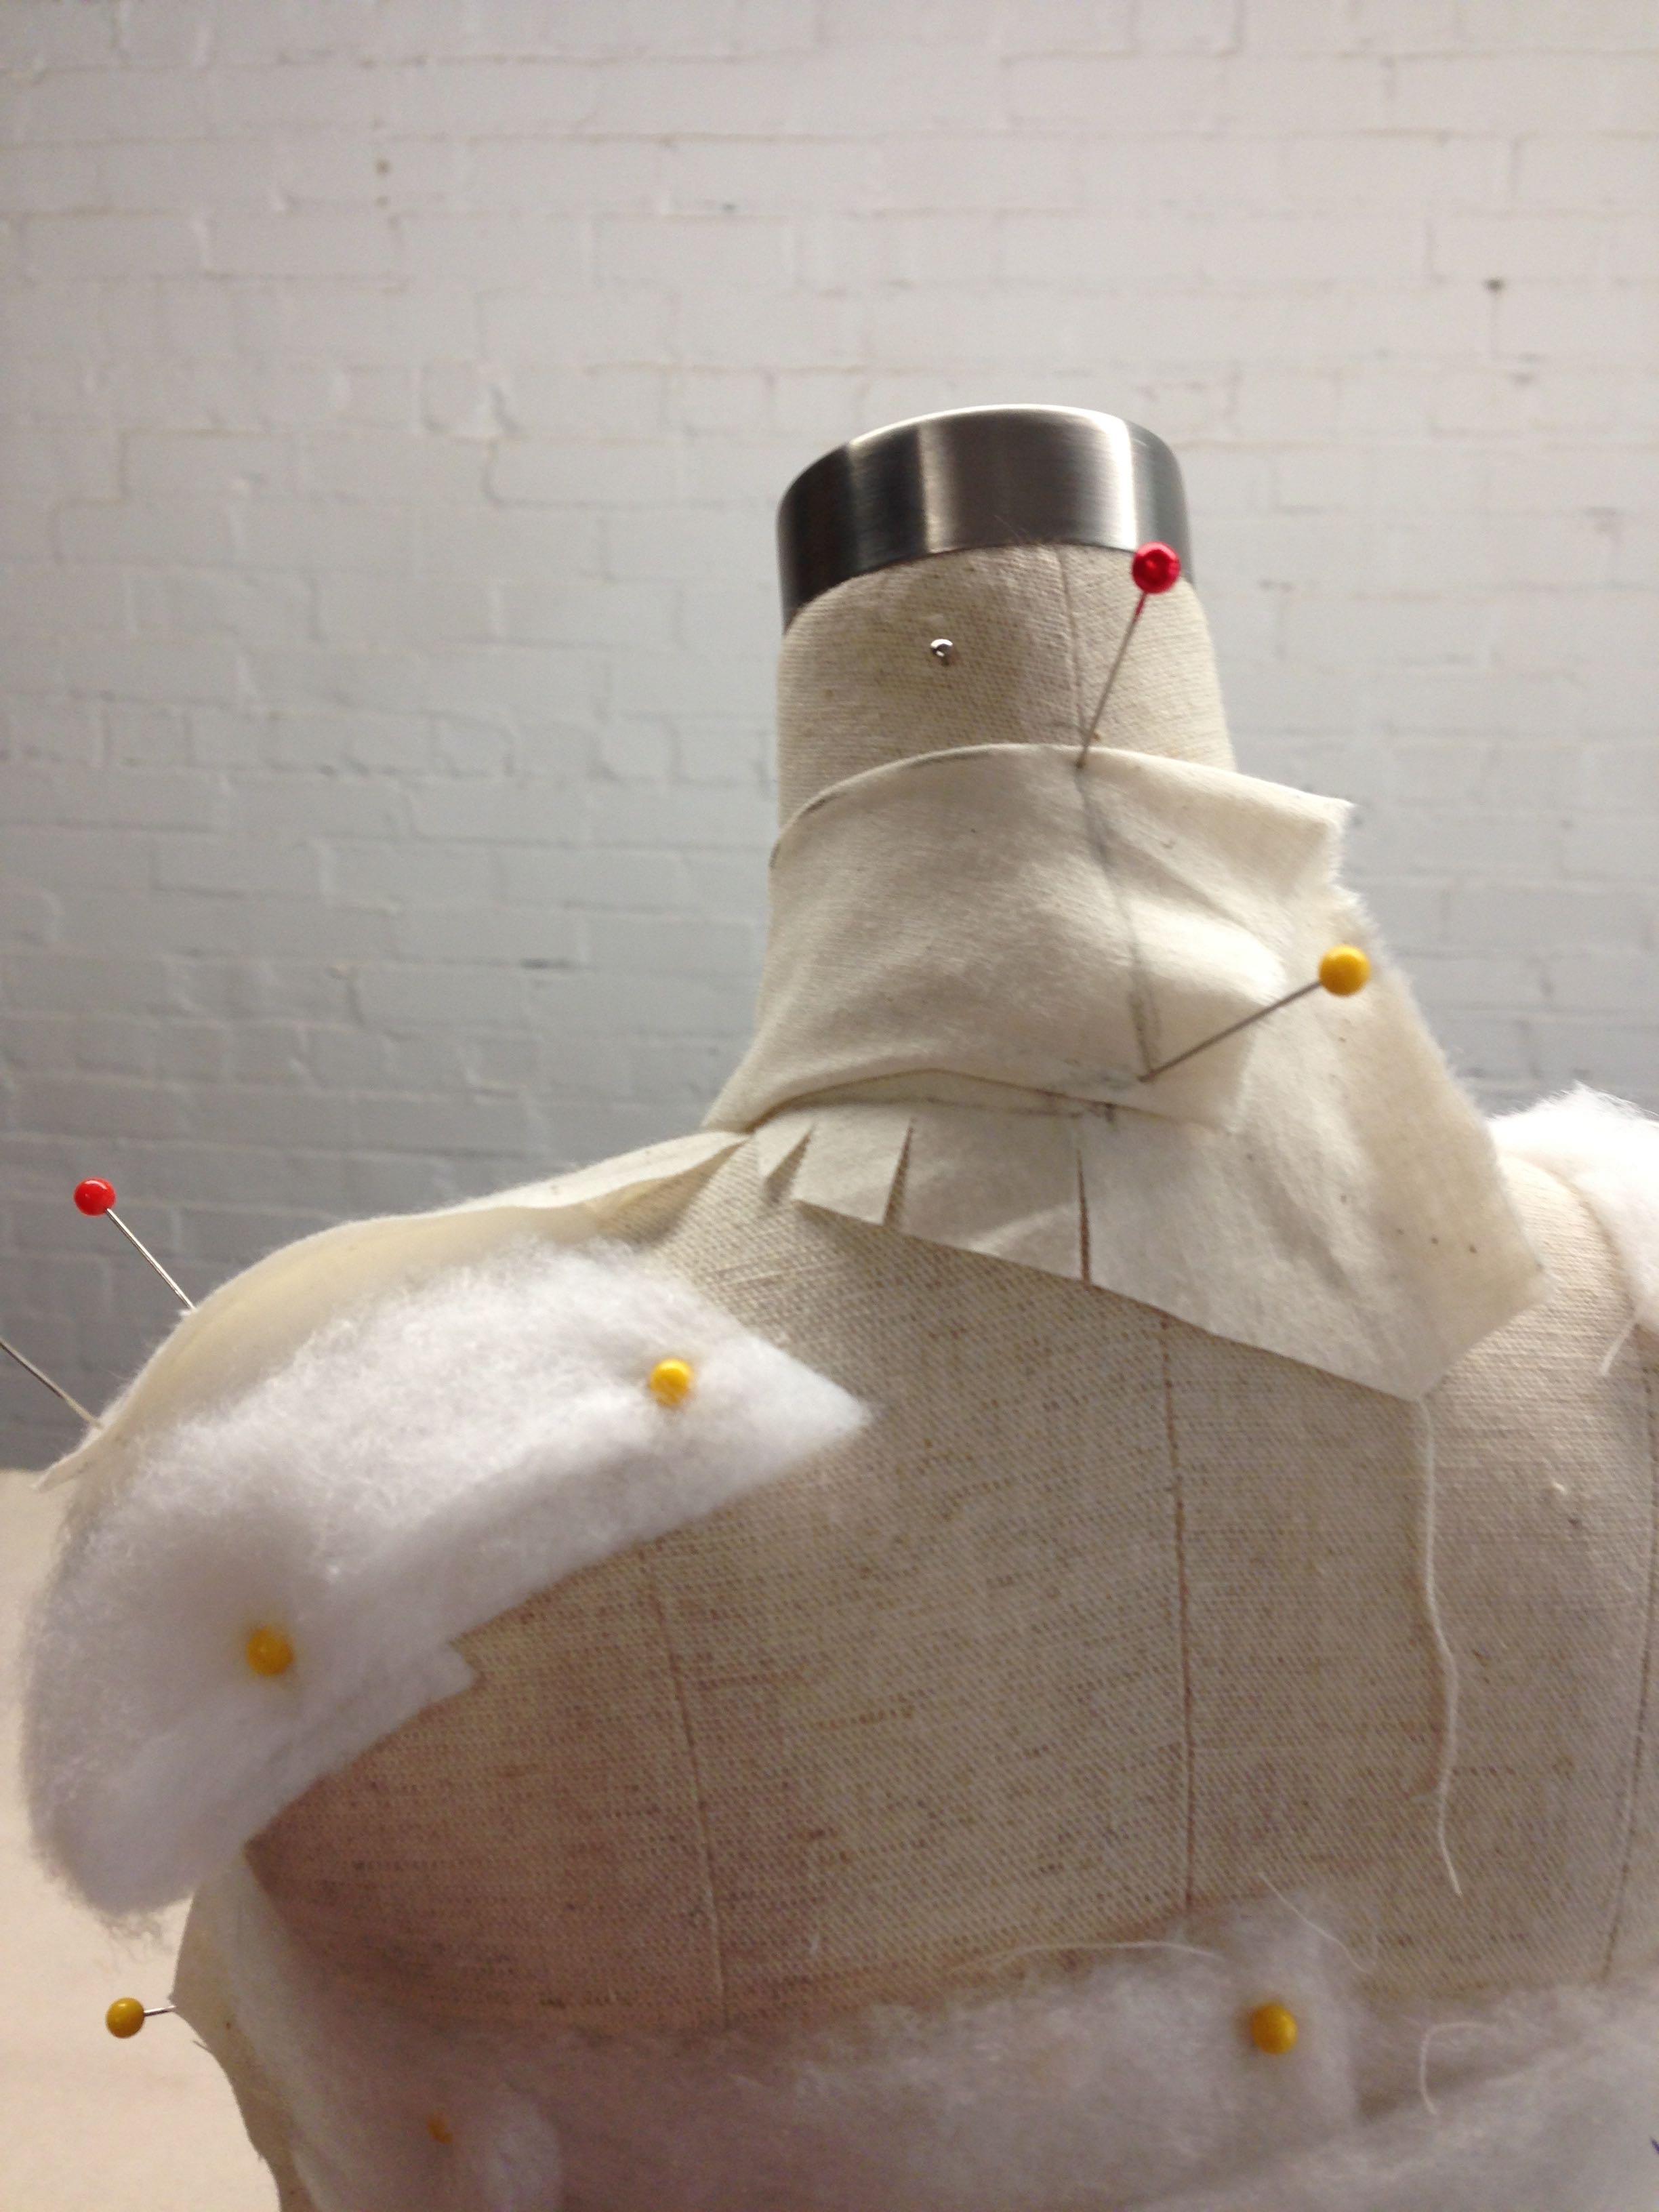 Early 19th Century Men's Waistcoat